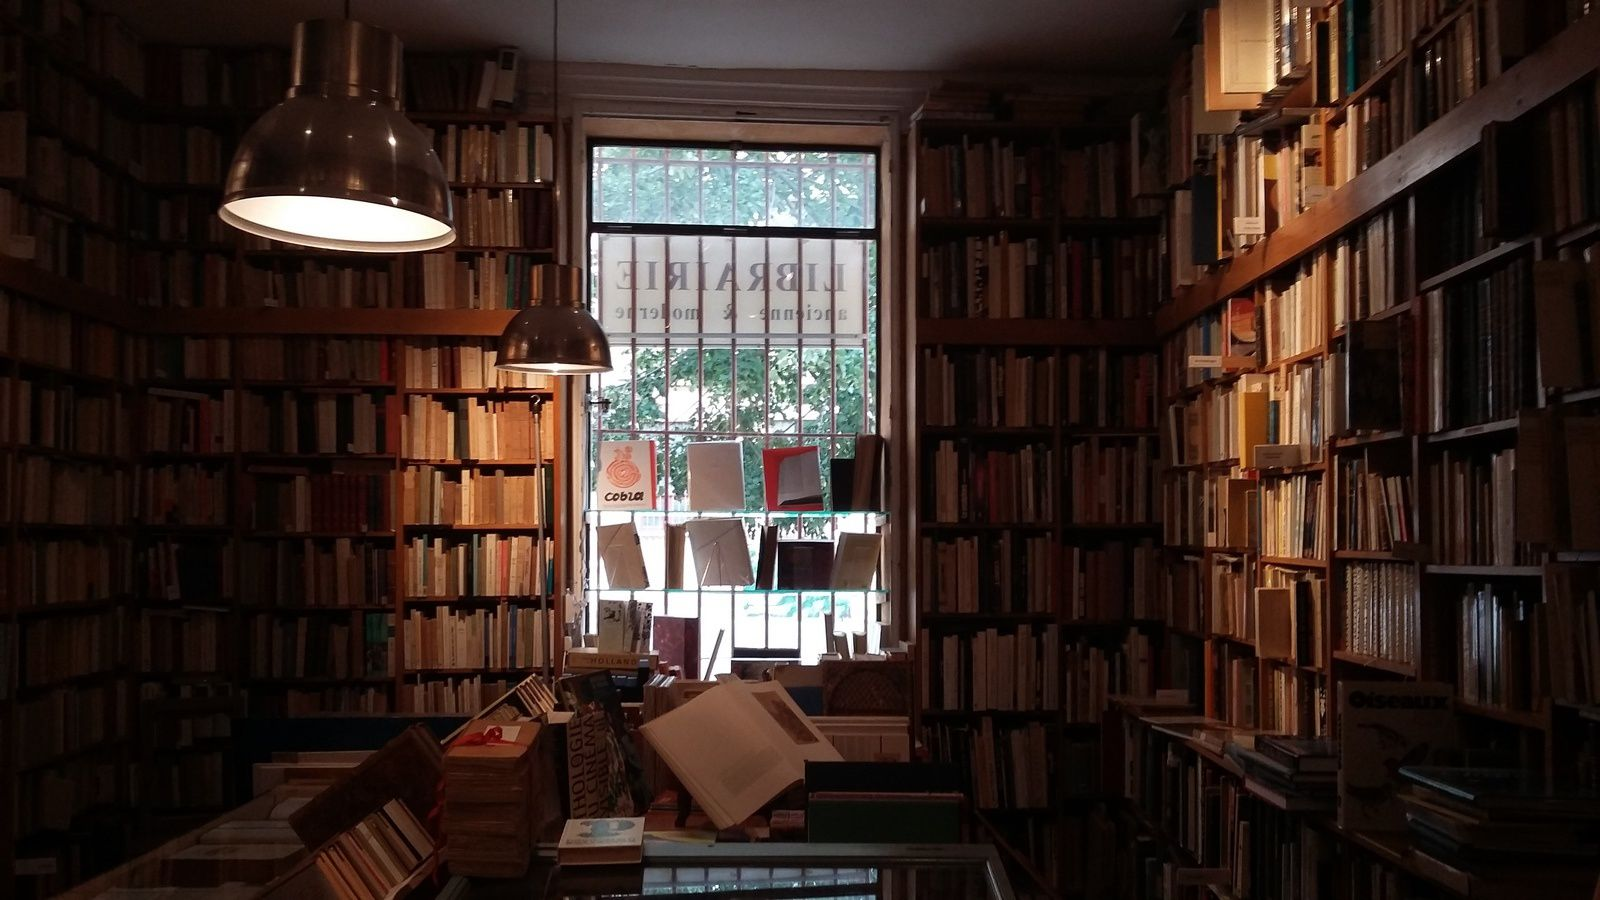 Librairie spécialisée dans les livres anciens...